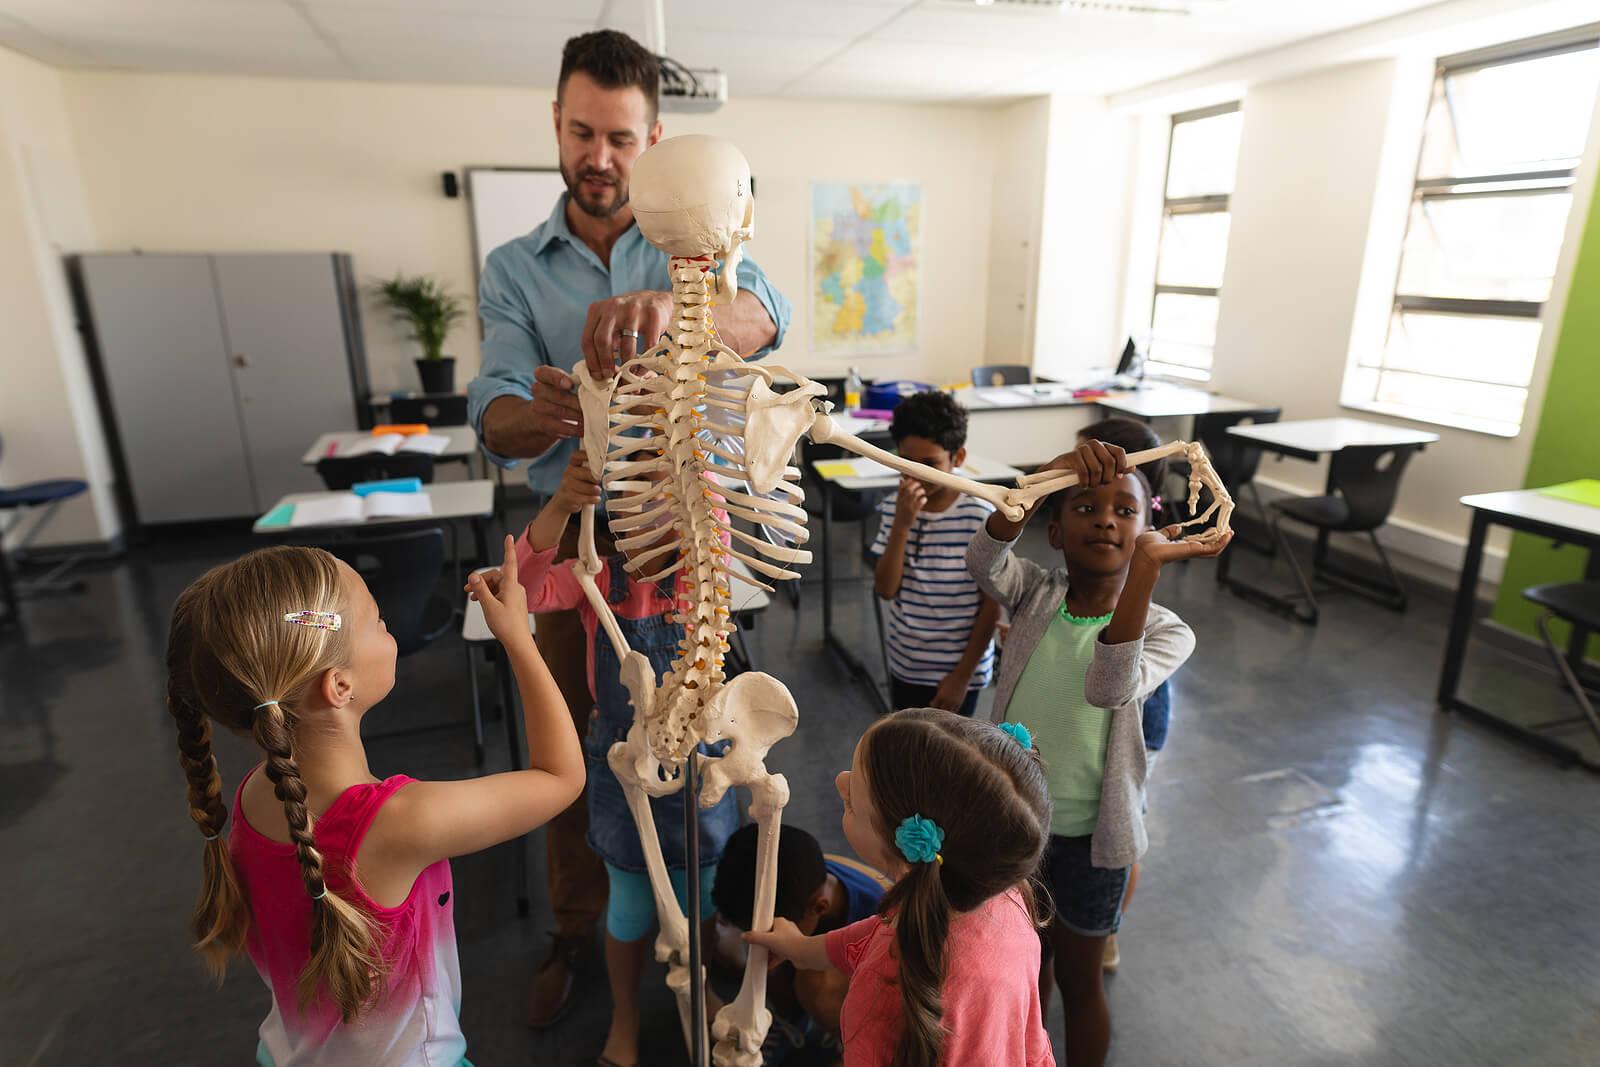 Profesor explicando el cuerpo humano con un esqueleto.